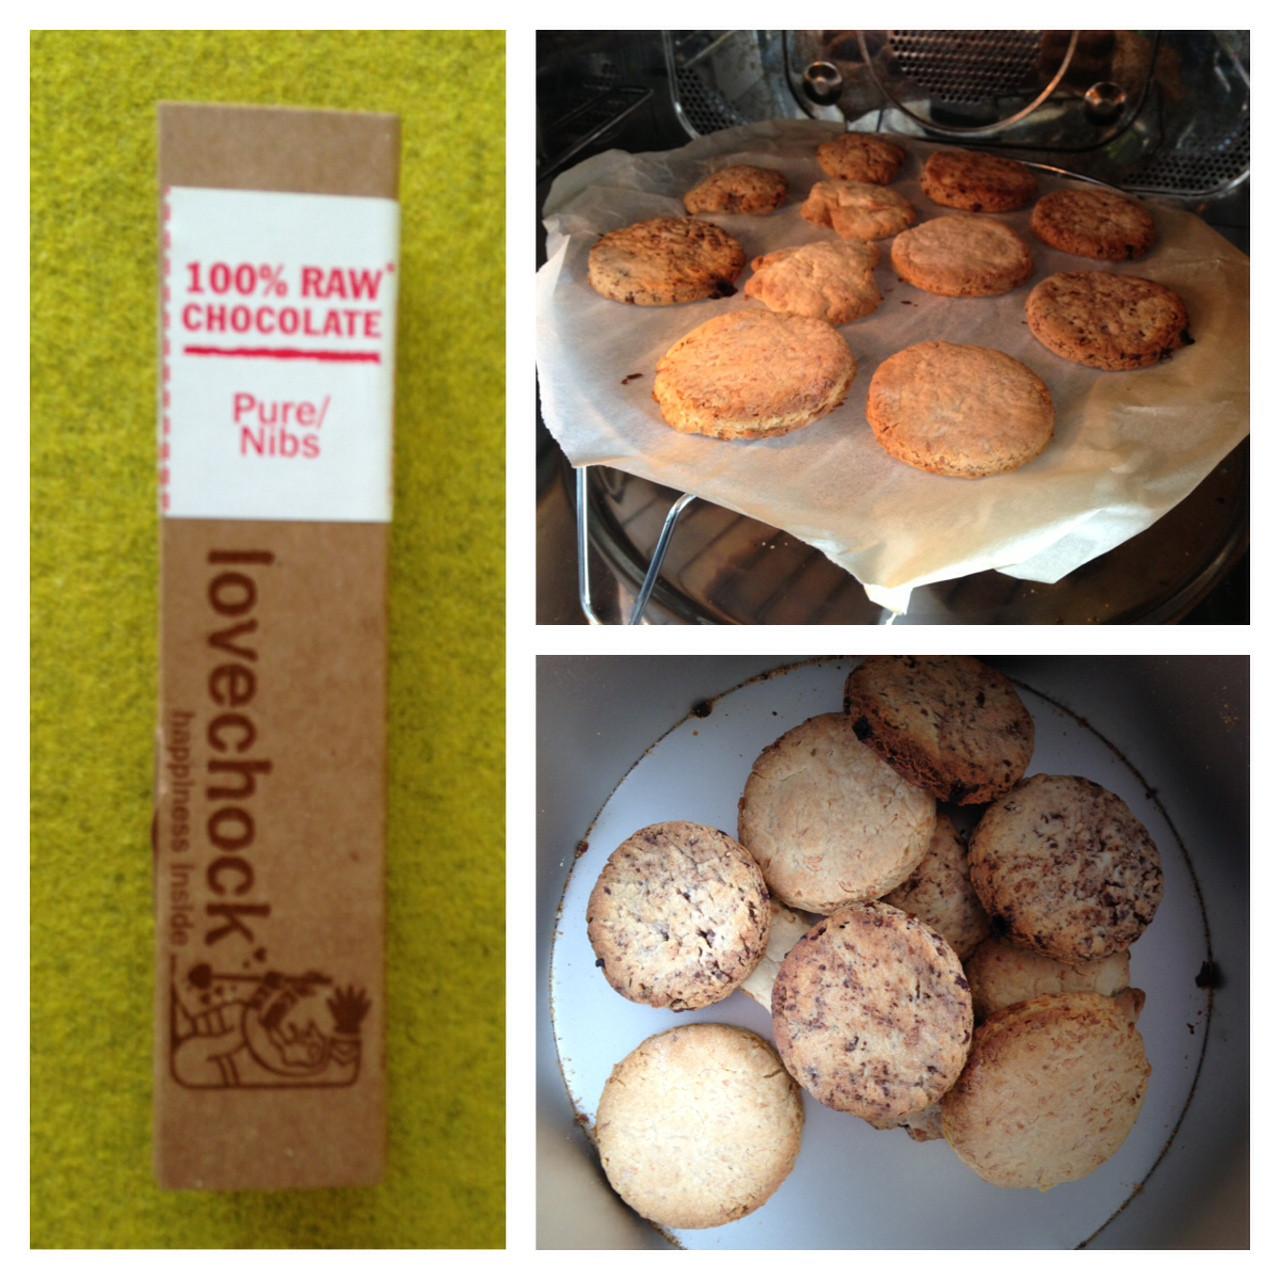 Word Cookies Chocolate 20  Lovechock Chocolate Chip Cookies